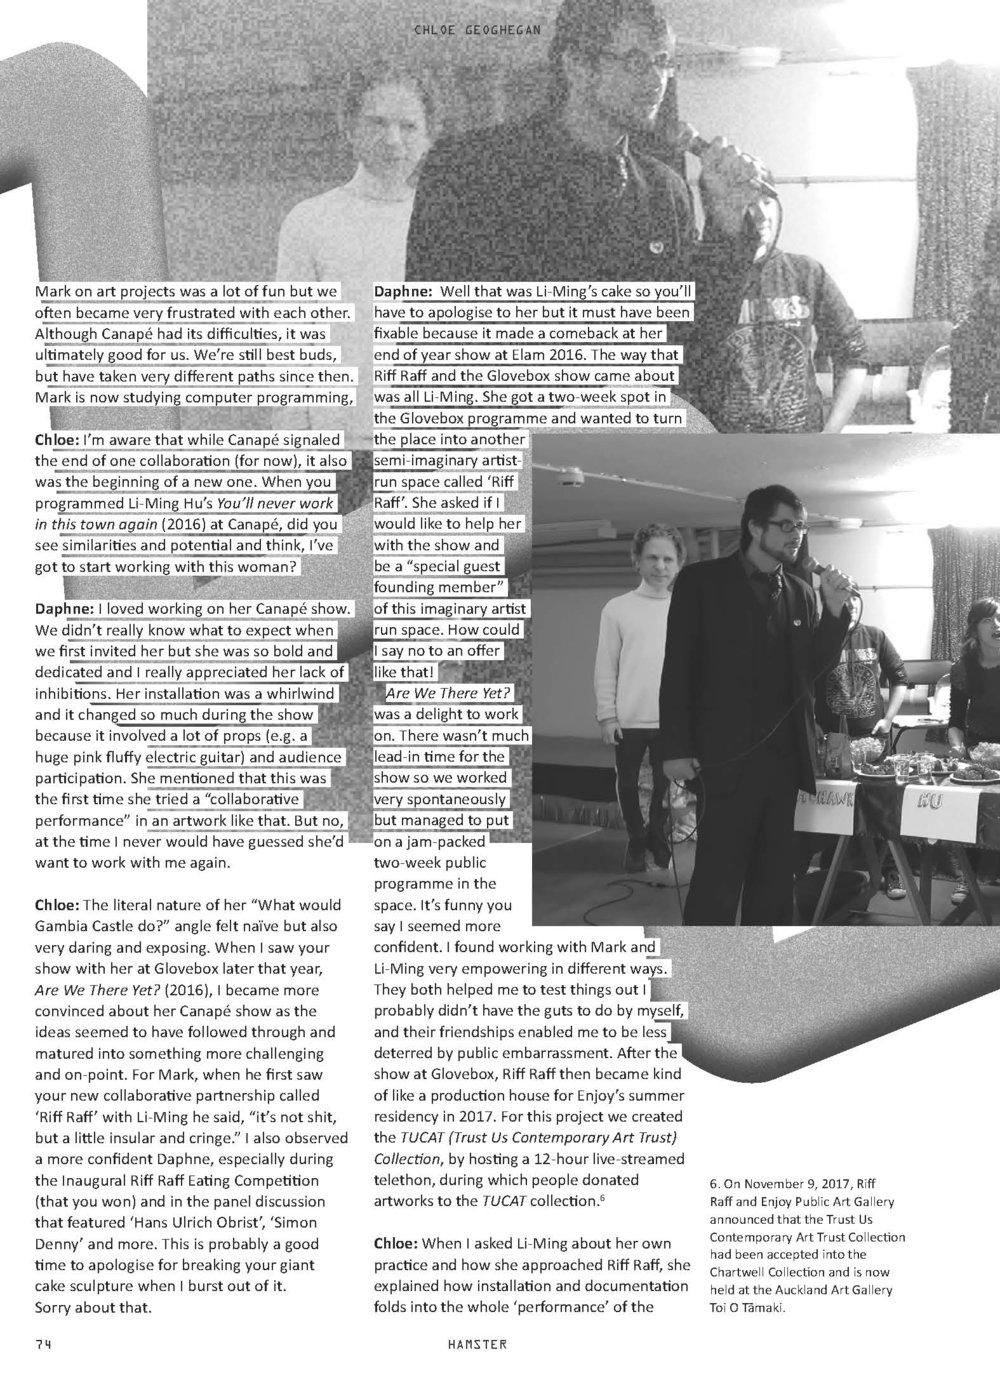 Geoghegan, HAMSTER 2_Page_4.jpg